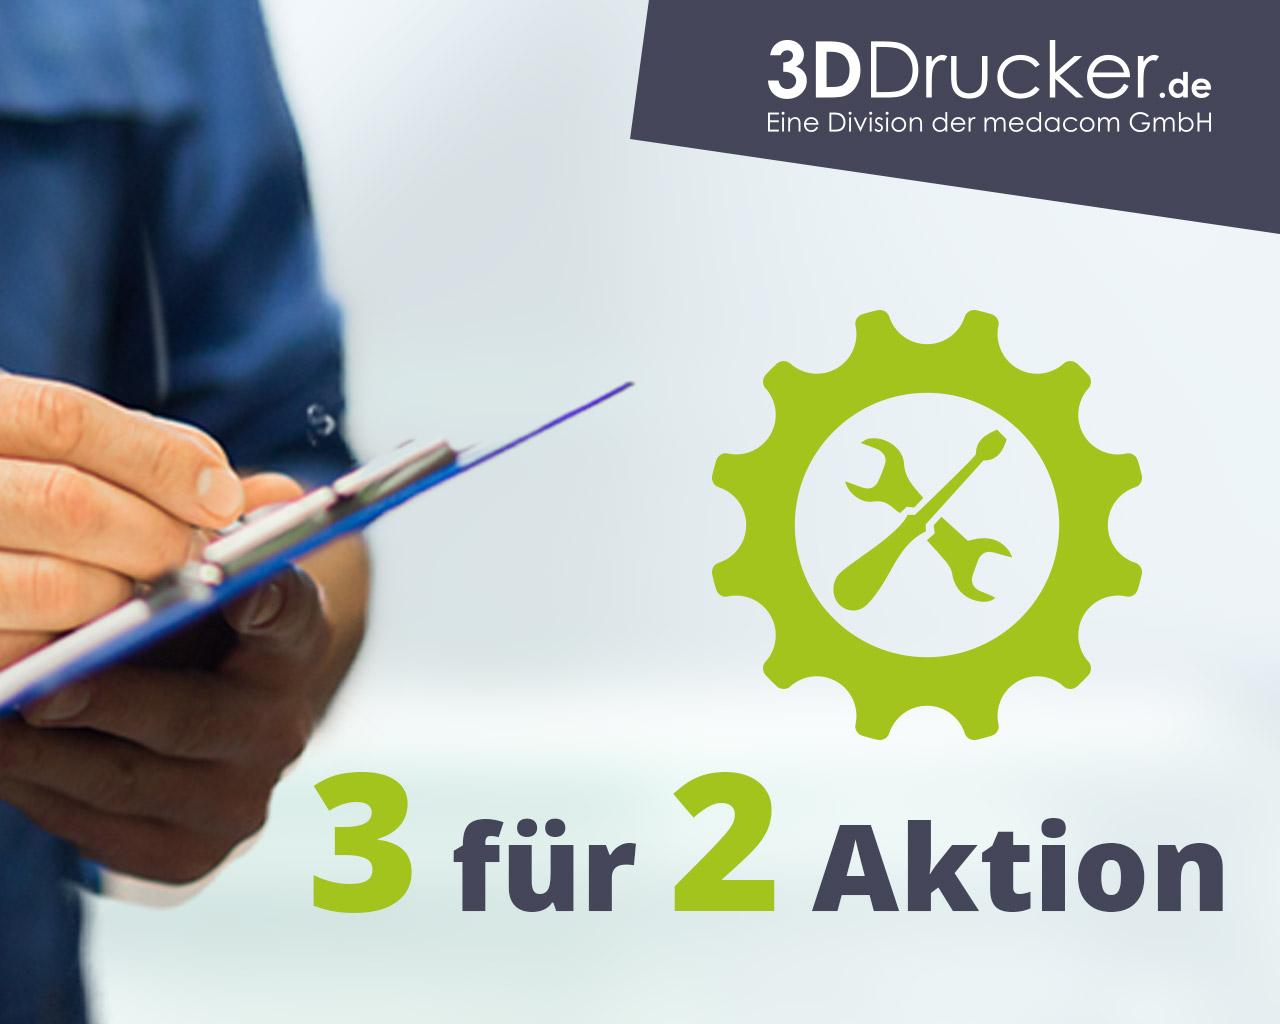 3D Druck Angebot   3 für 2 Aktion